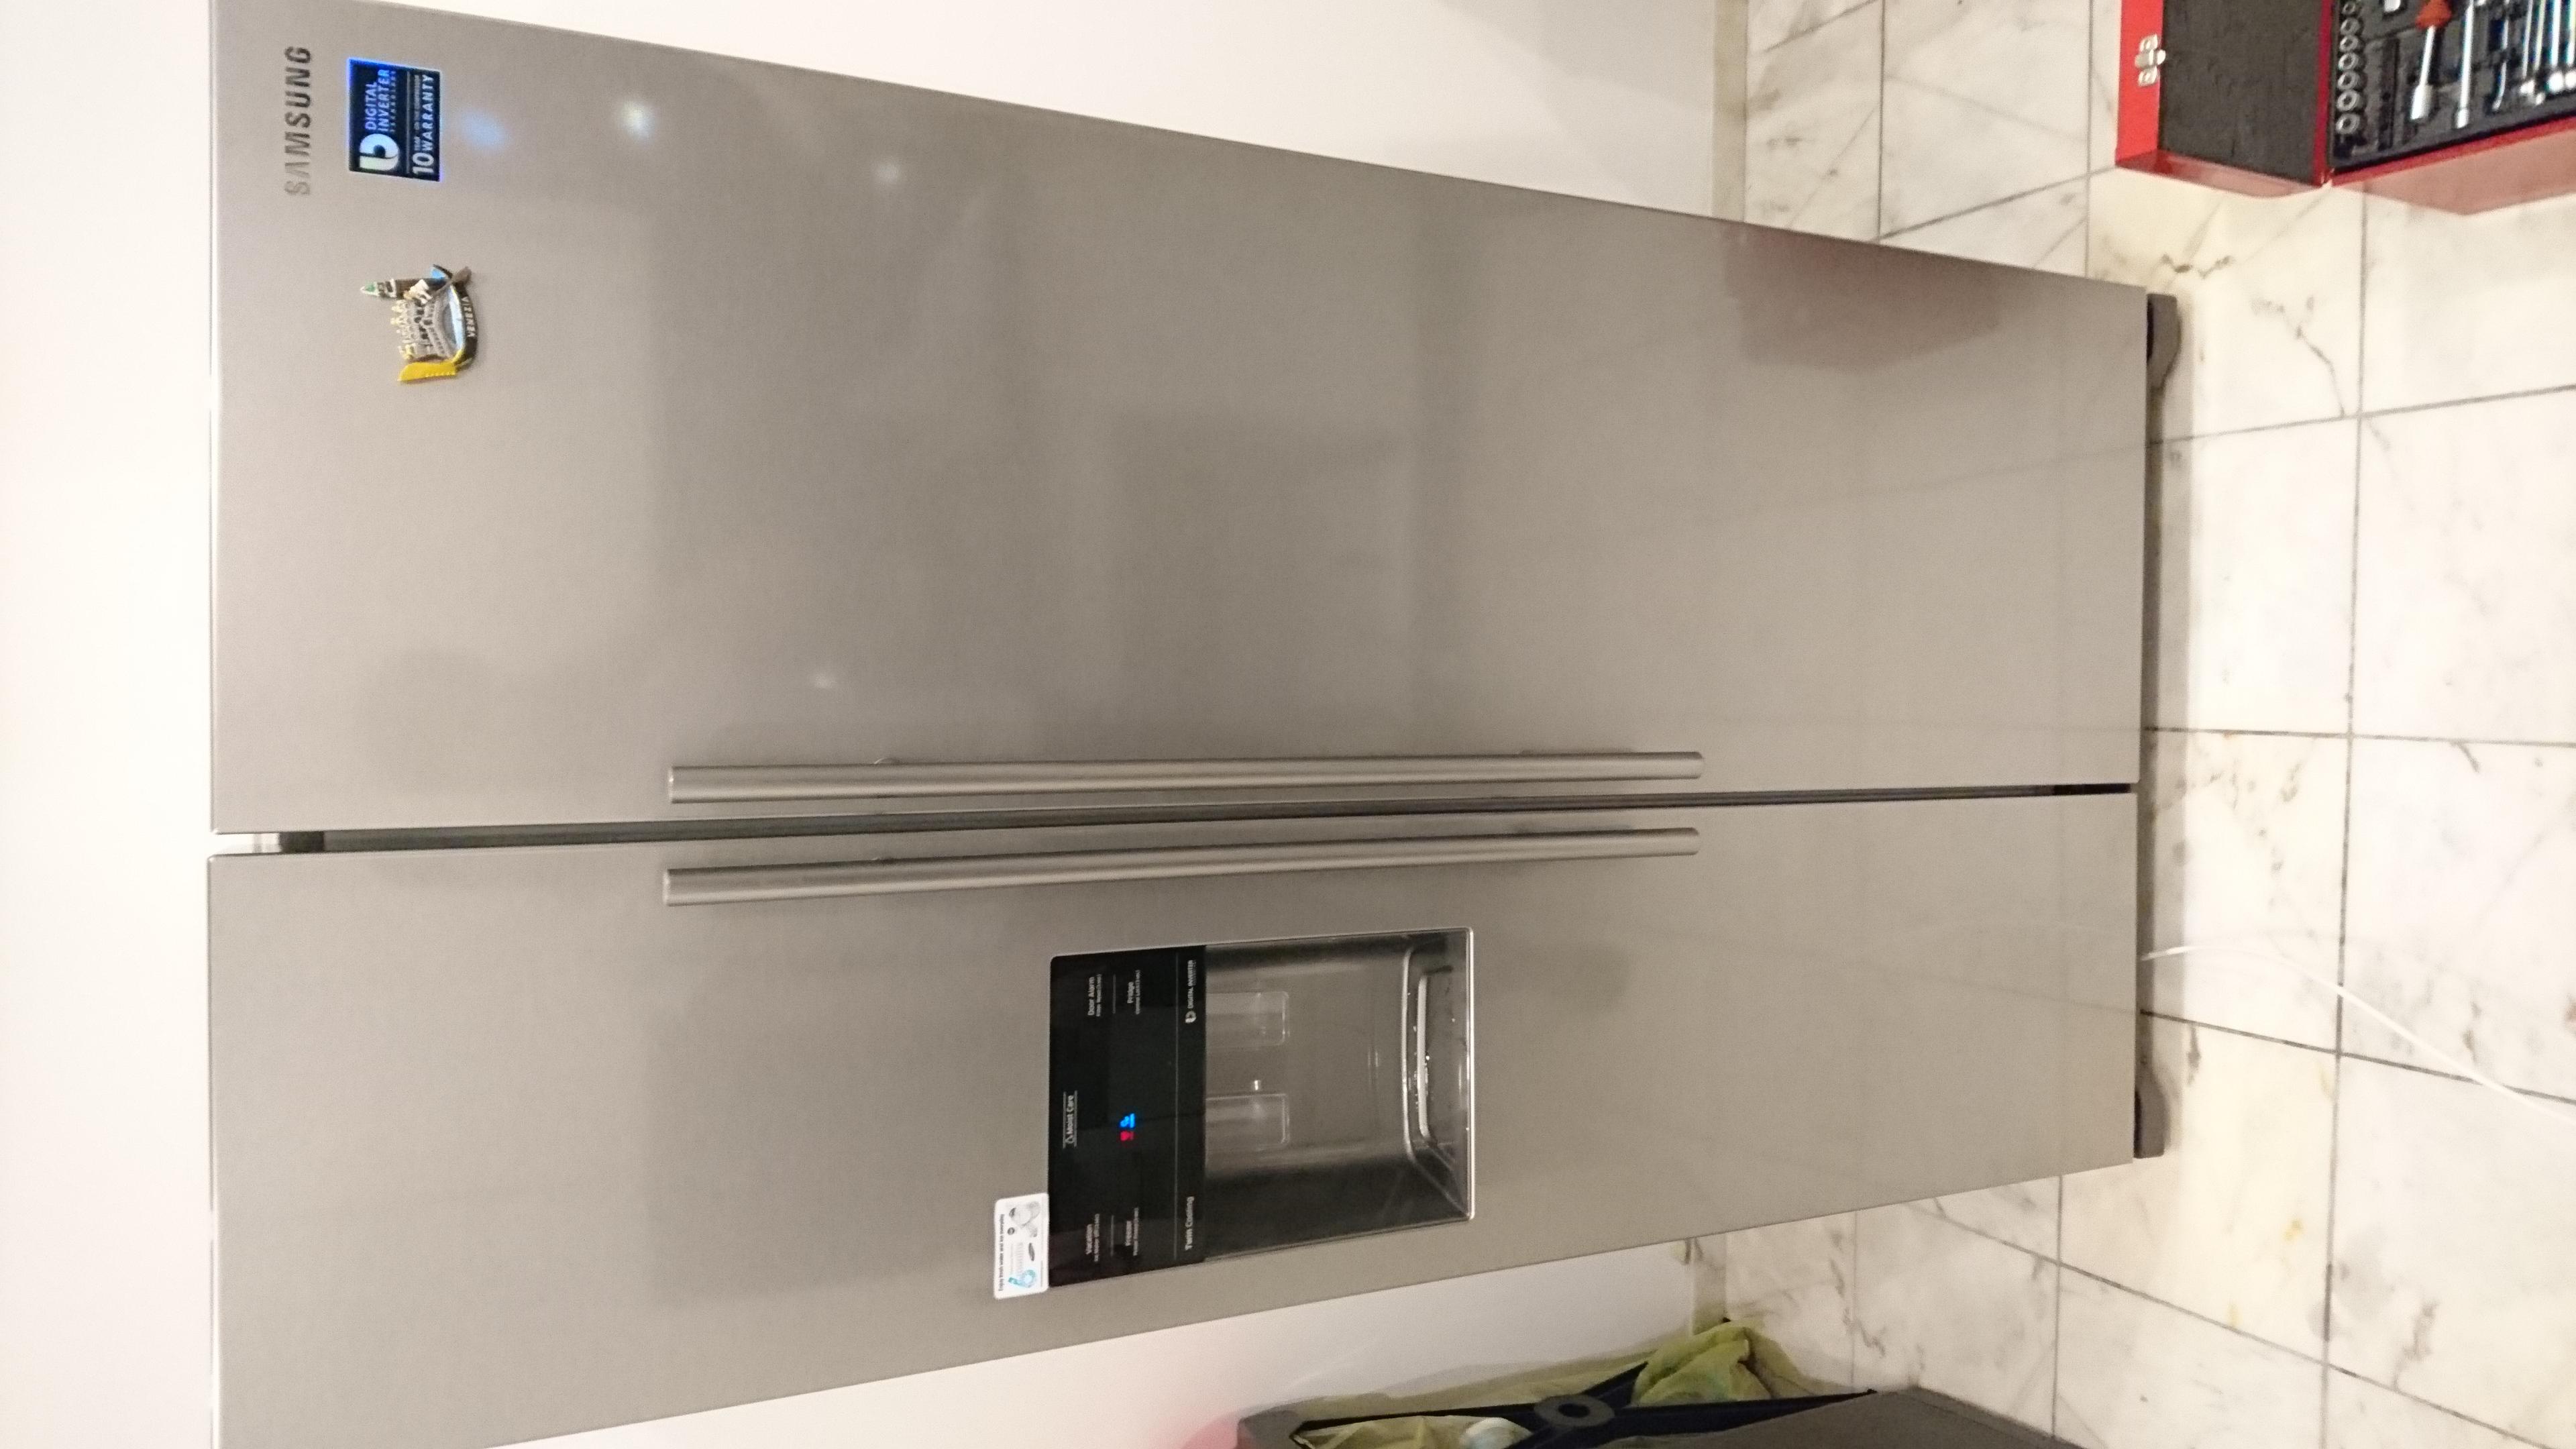 Bosch Kühlschrank Vereist Hinten : Kühlschrank läuft aus wasser amerikanischer kühlschrank im